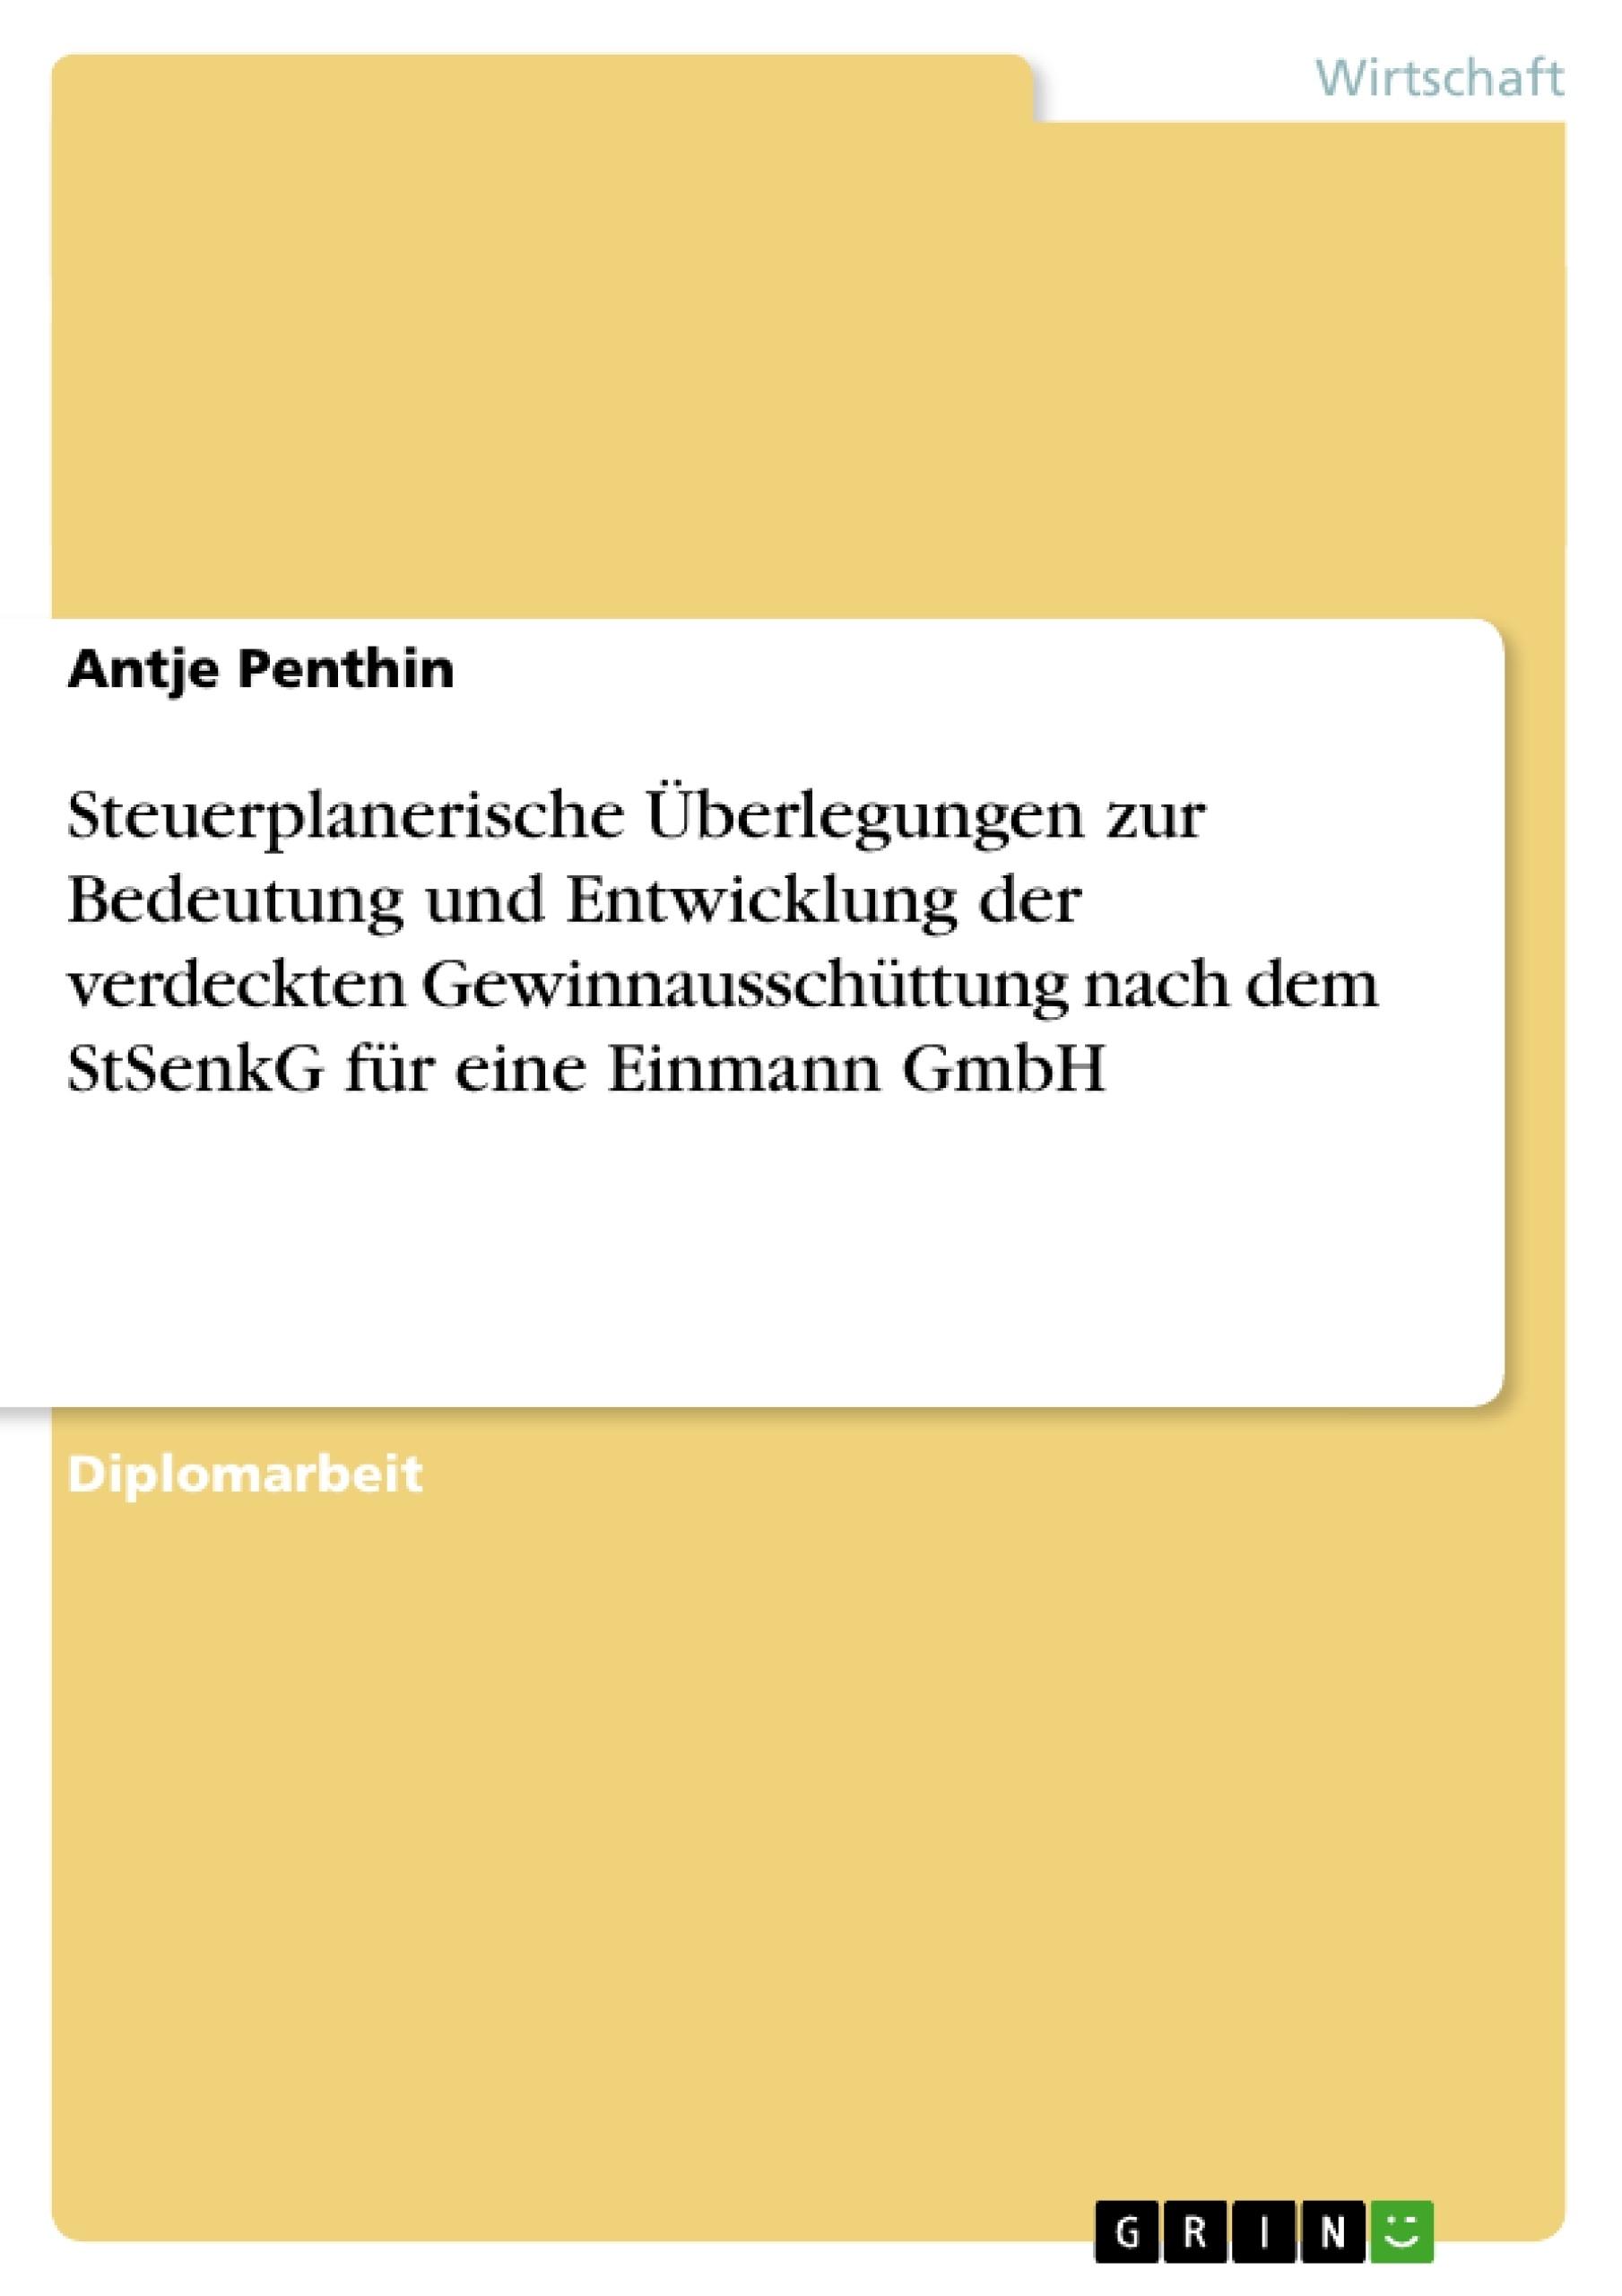 Titel: Steuerplanerische Überlegungen zur Bedeutung und Entwicklung der verdeckten Gewinnausschüttung nach dem StSenkG für eine Einmann GmbH